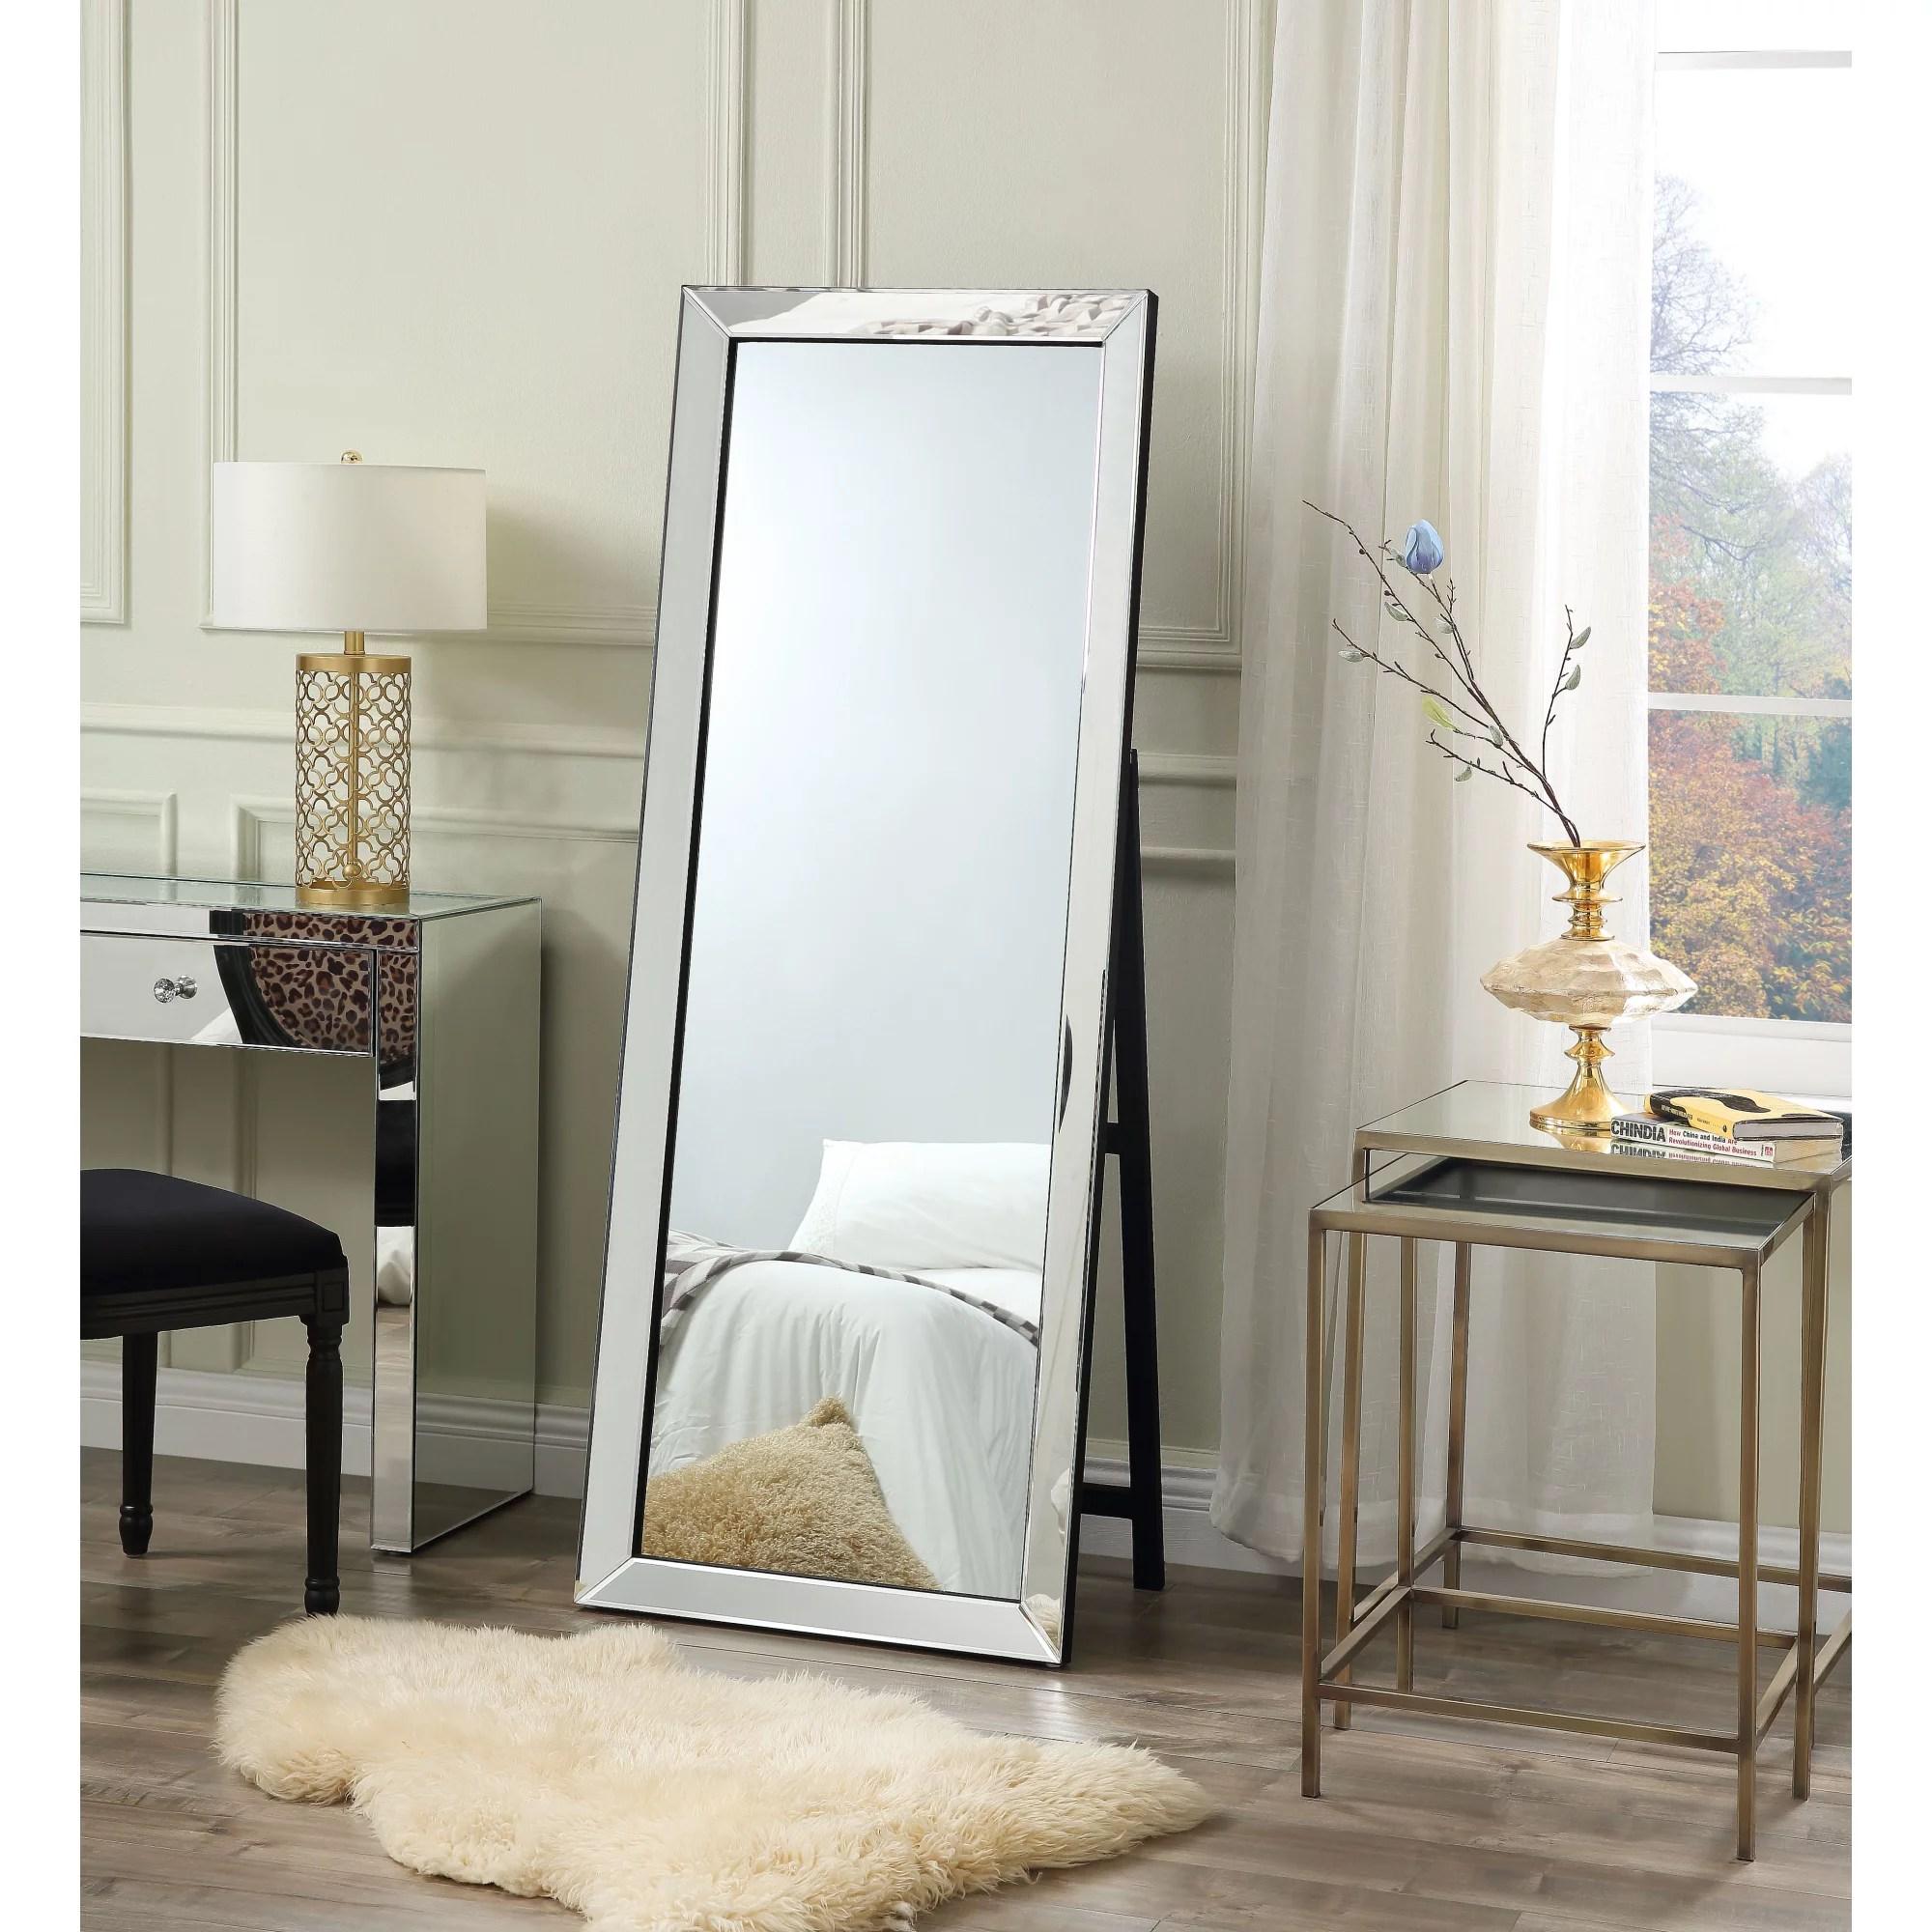 Jadai Full Length Mirror - Floor Standing   Makeup Vanity ... on Mirrors For Teenage Bedroom  id=95498